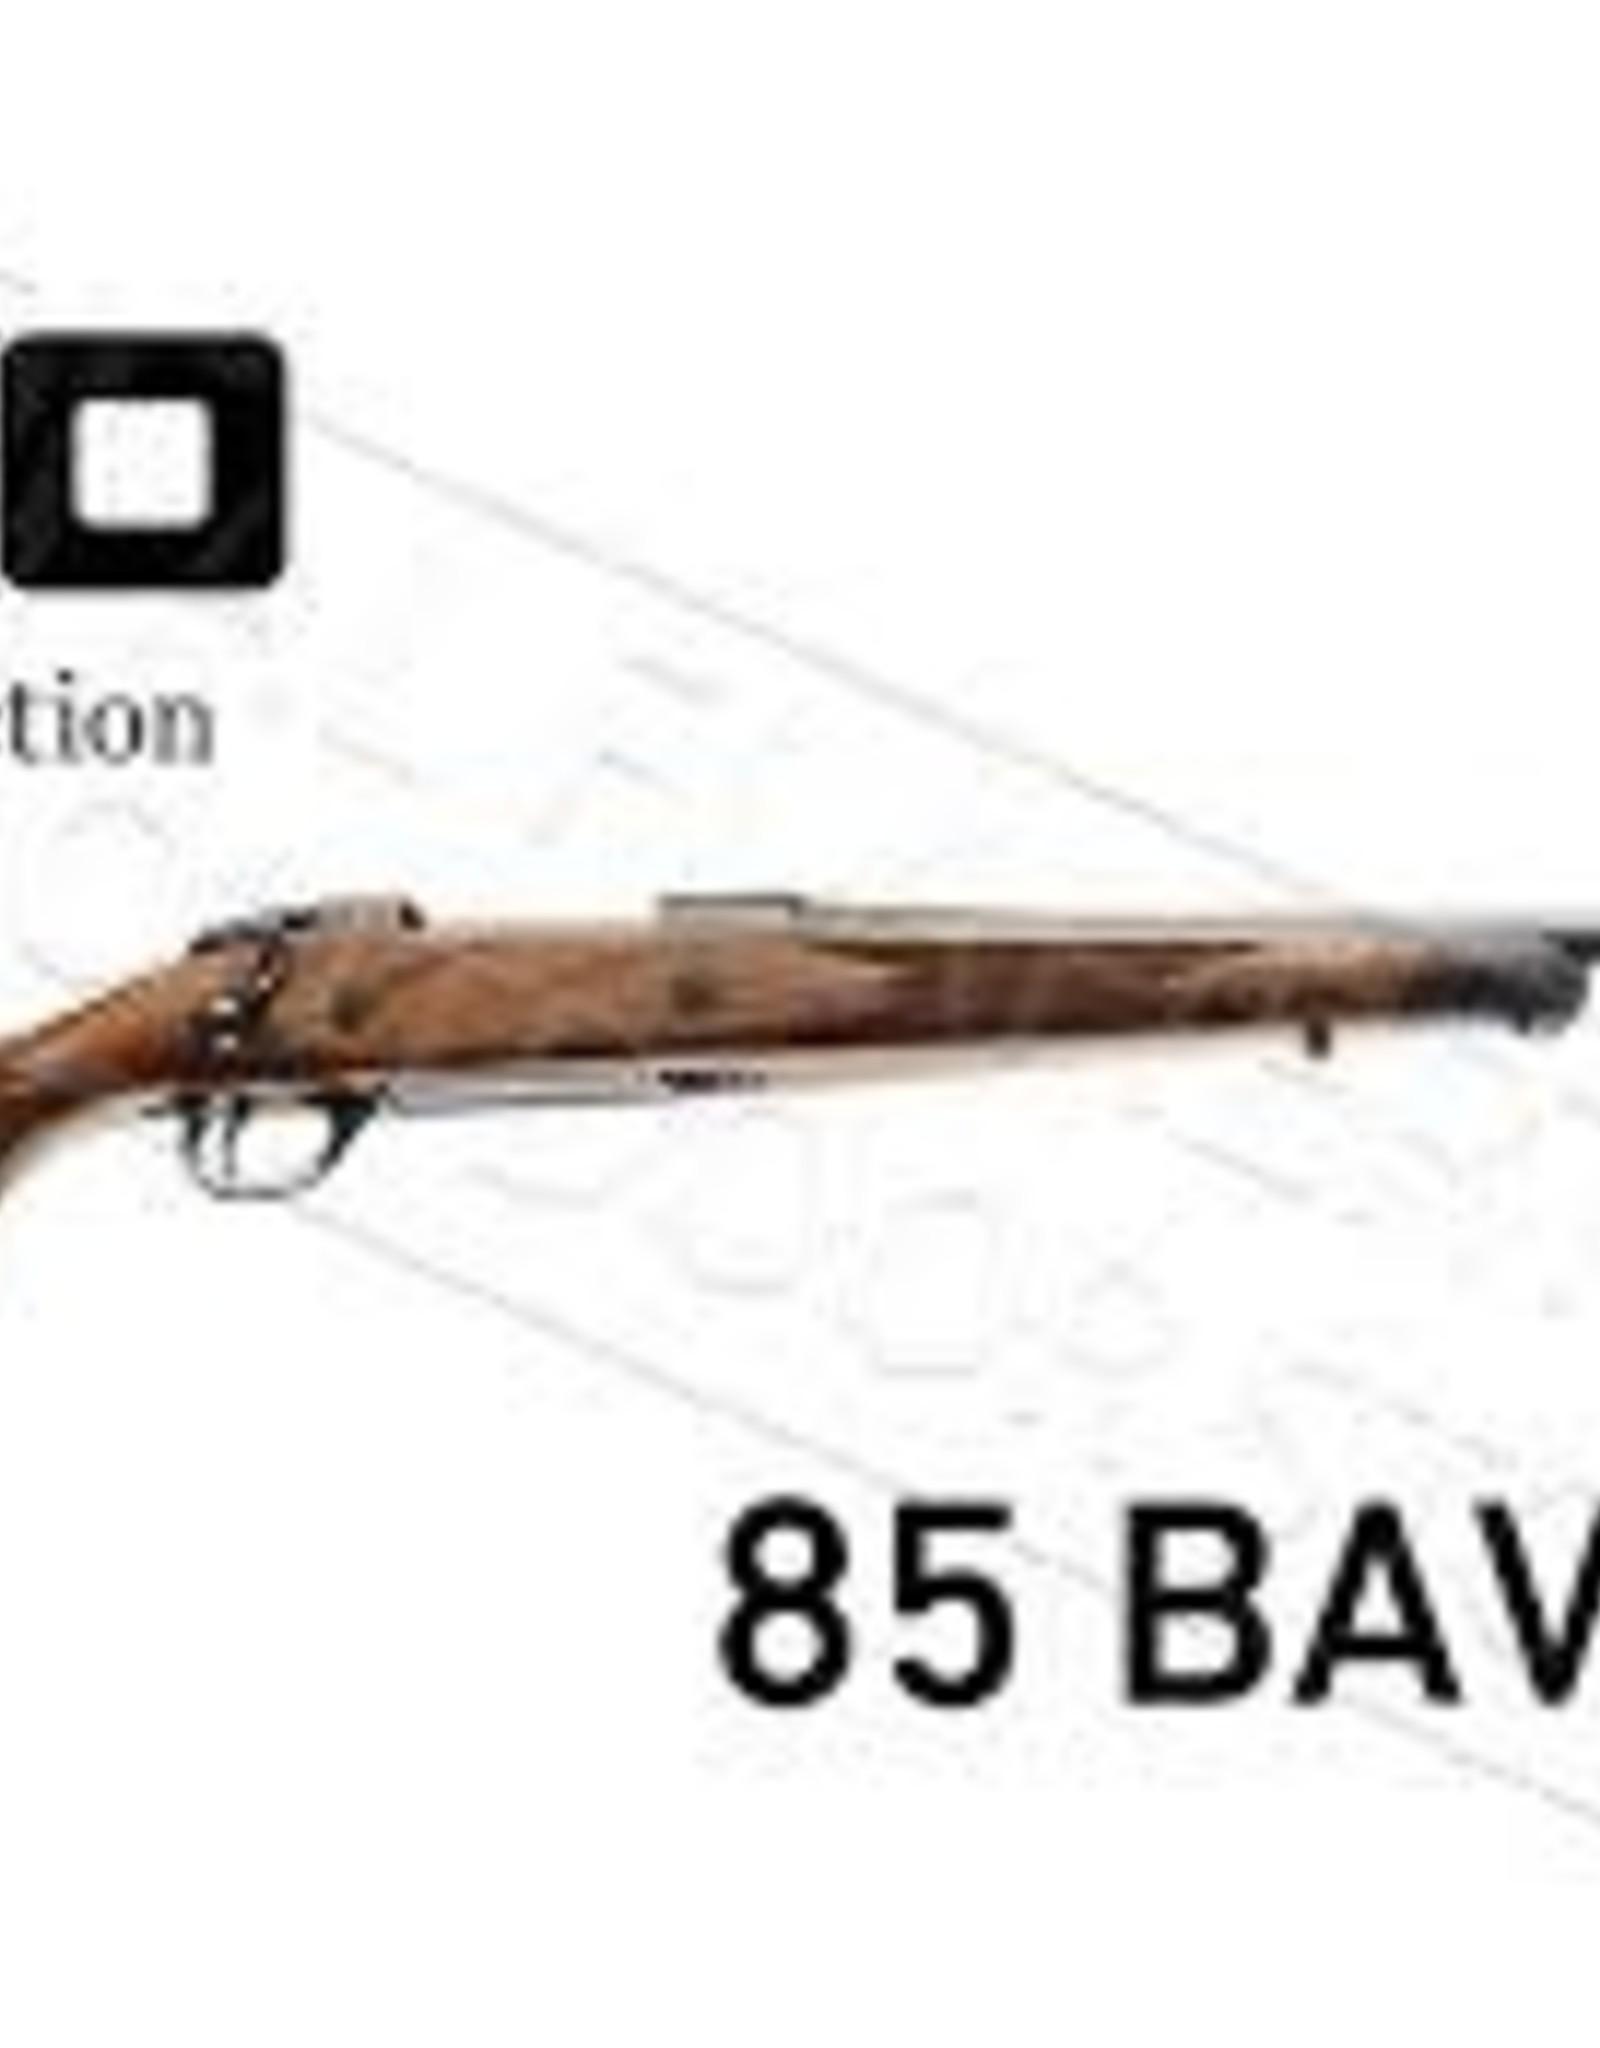 Sako 85 Bavarian